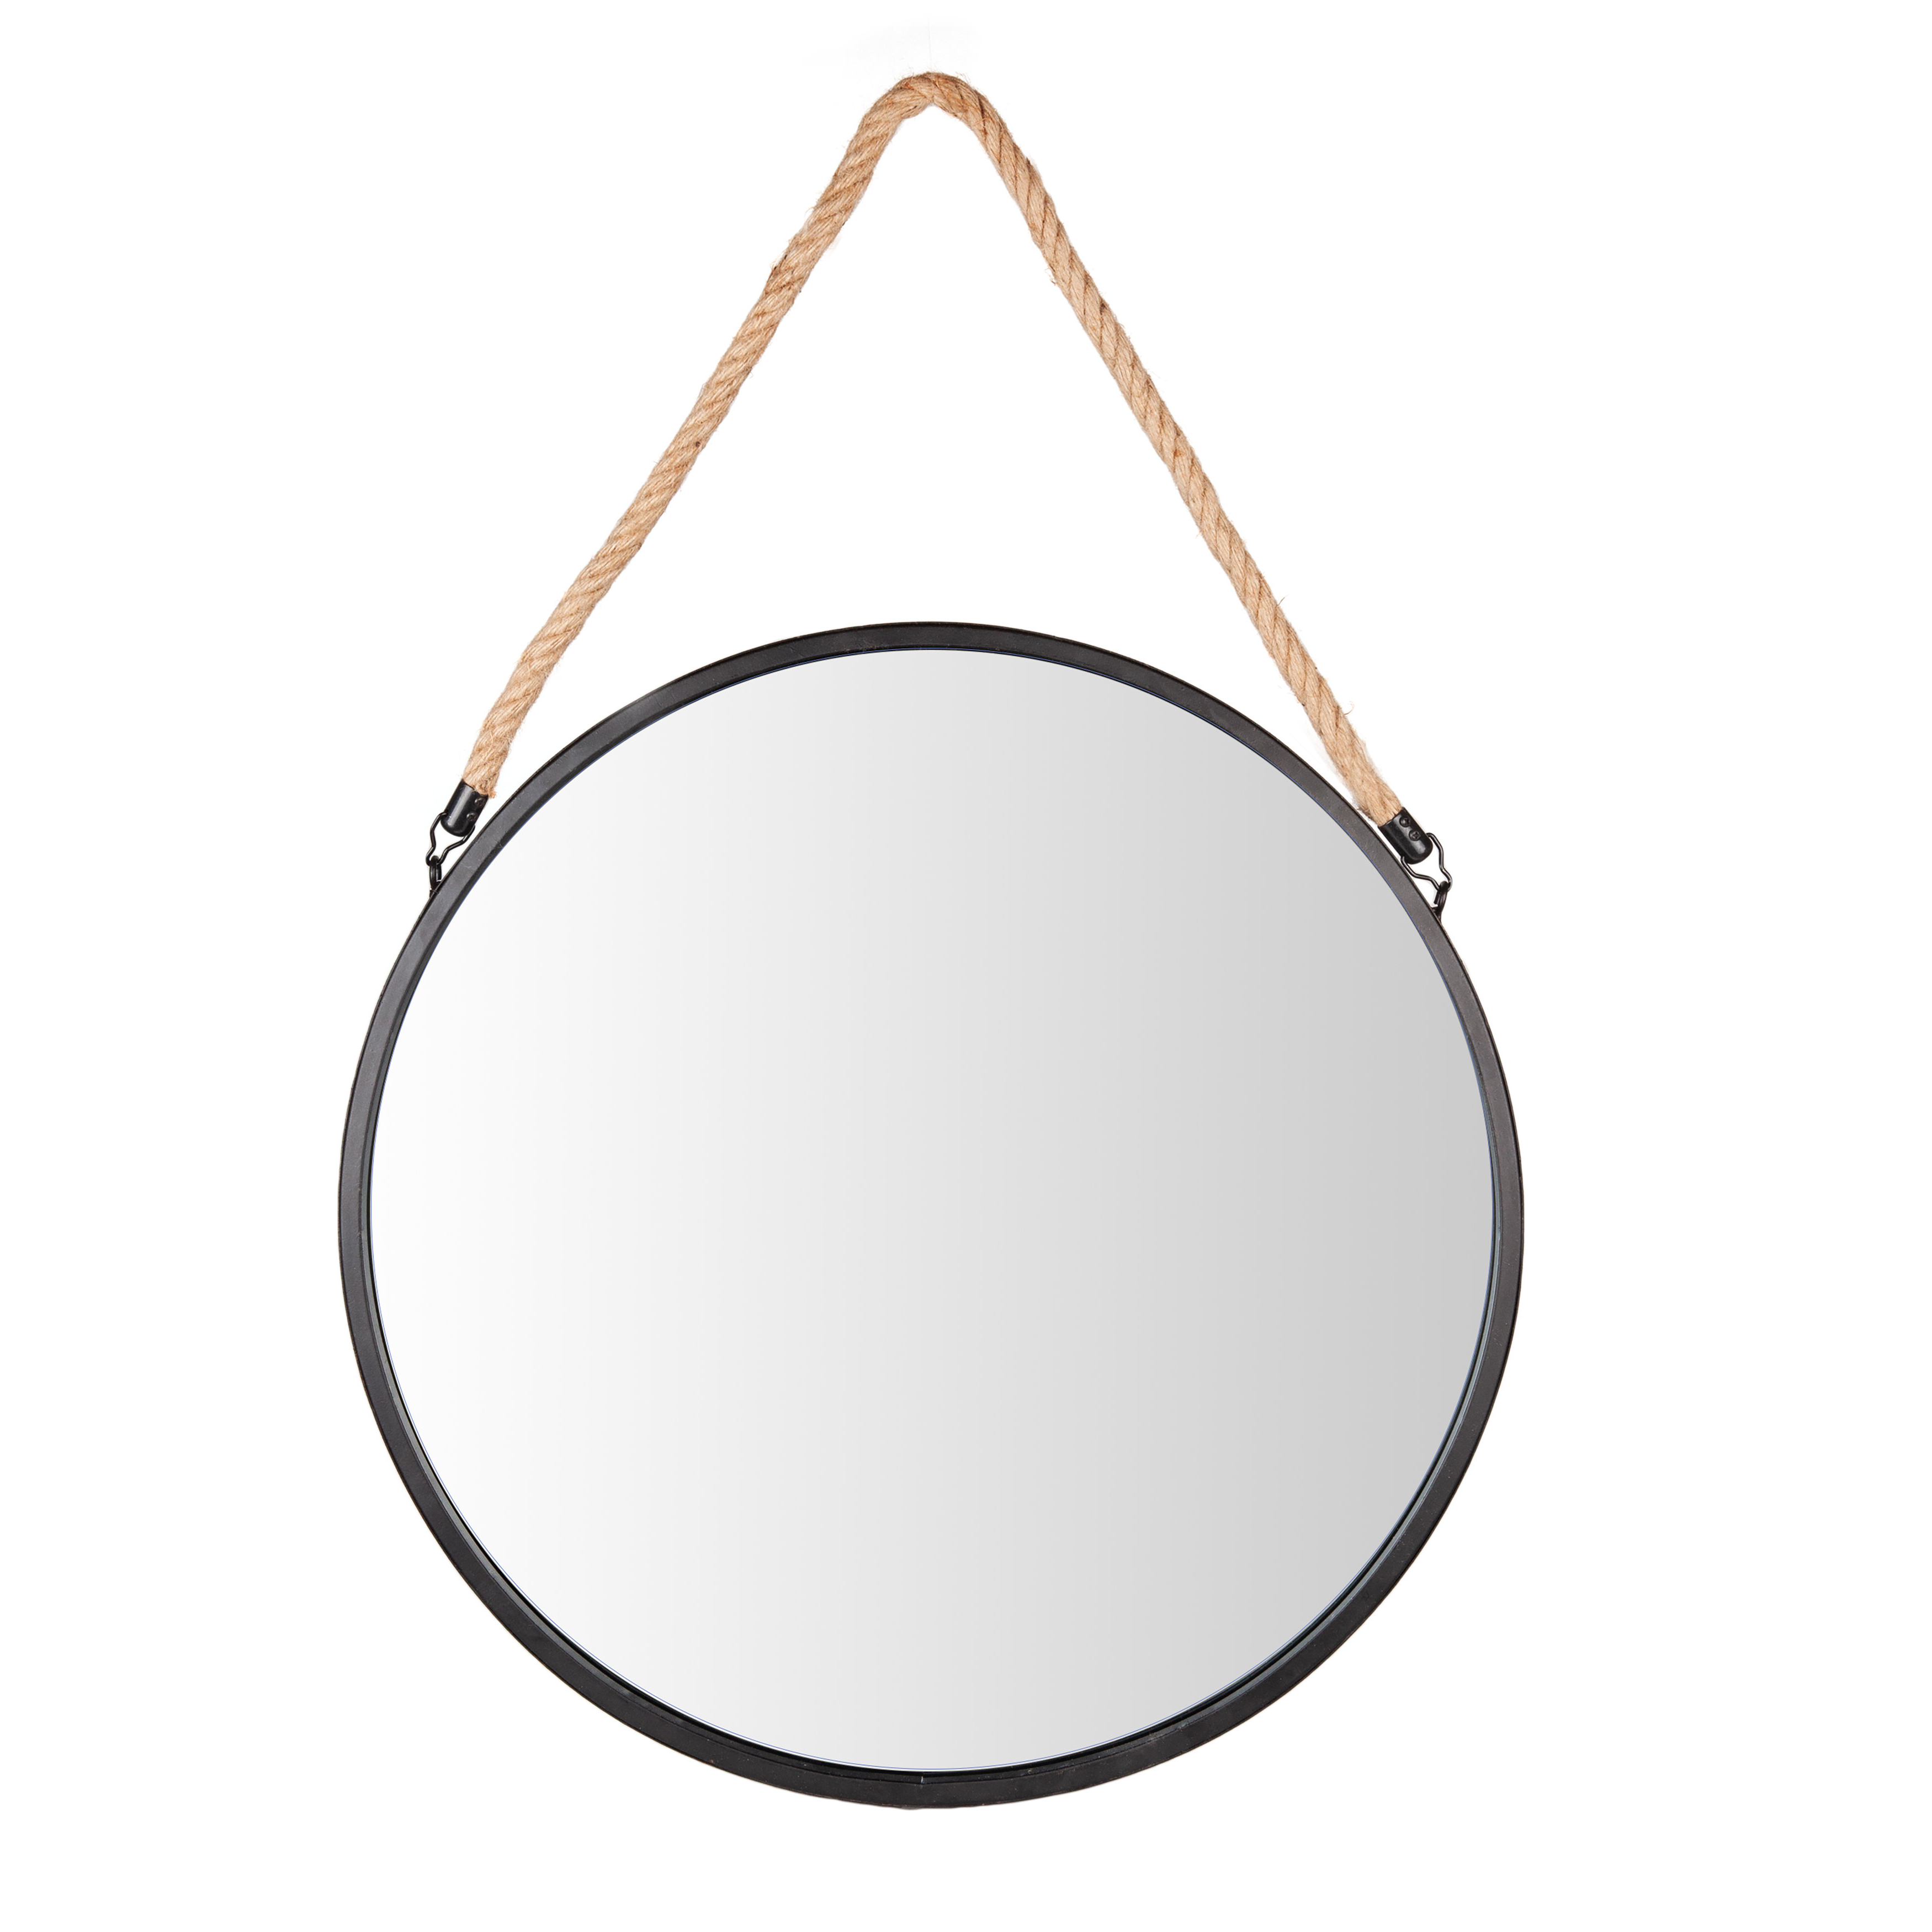 Rumfelt Decorative Round Metal Wall Mirror Regarding Recent Decorative Round Wall Mirrors (View 17 of 20)